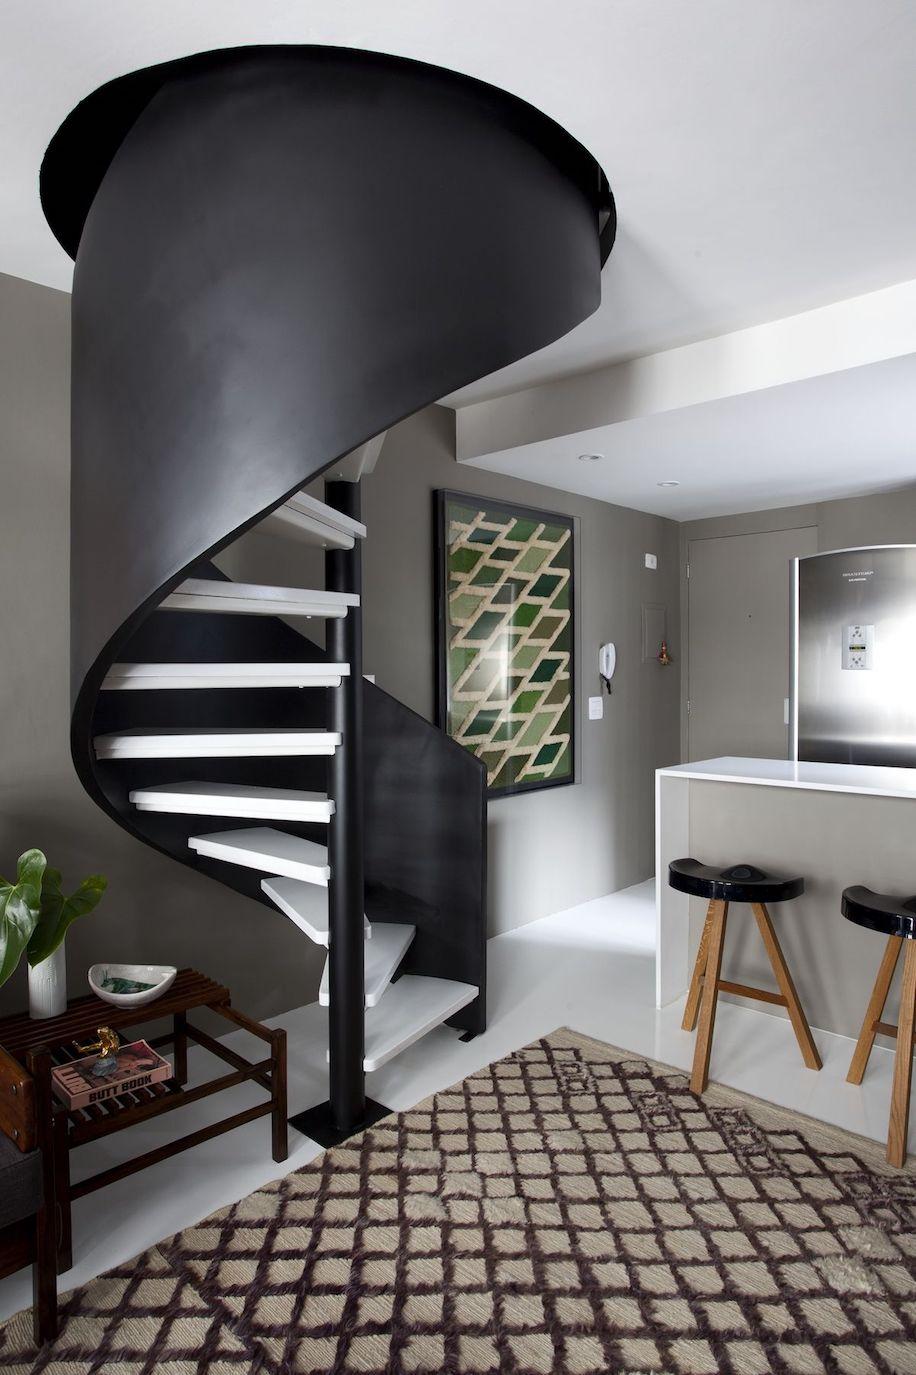 La combinaison classique du noir et du blanc confère à l'intérieur un flair inimitable.